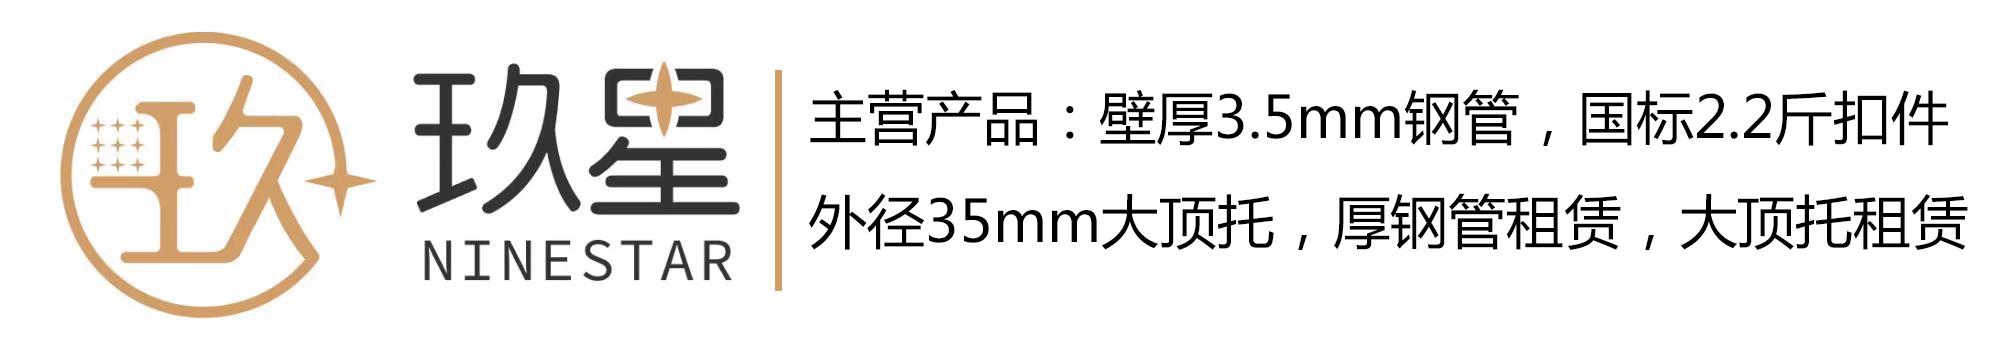 厦门玖星厚钢管租赁有限公司